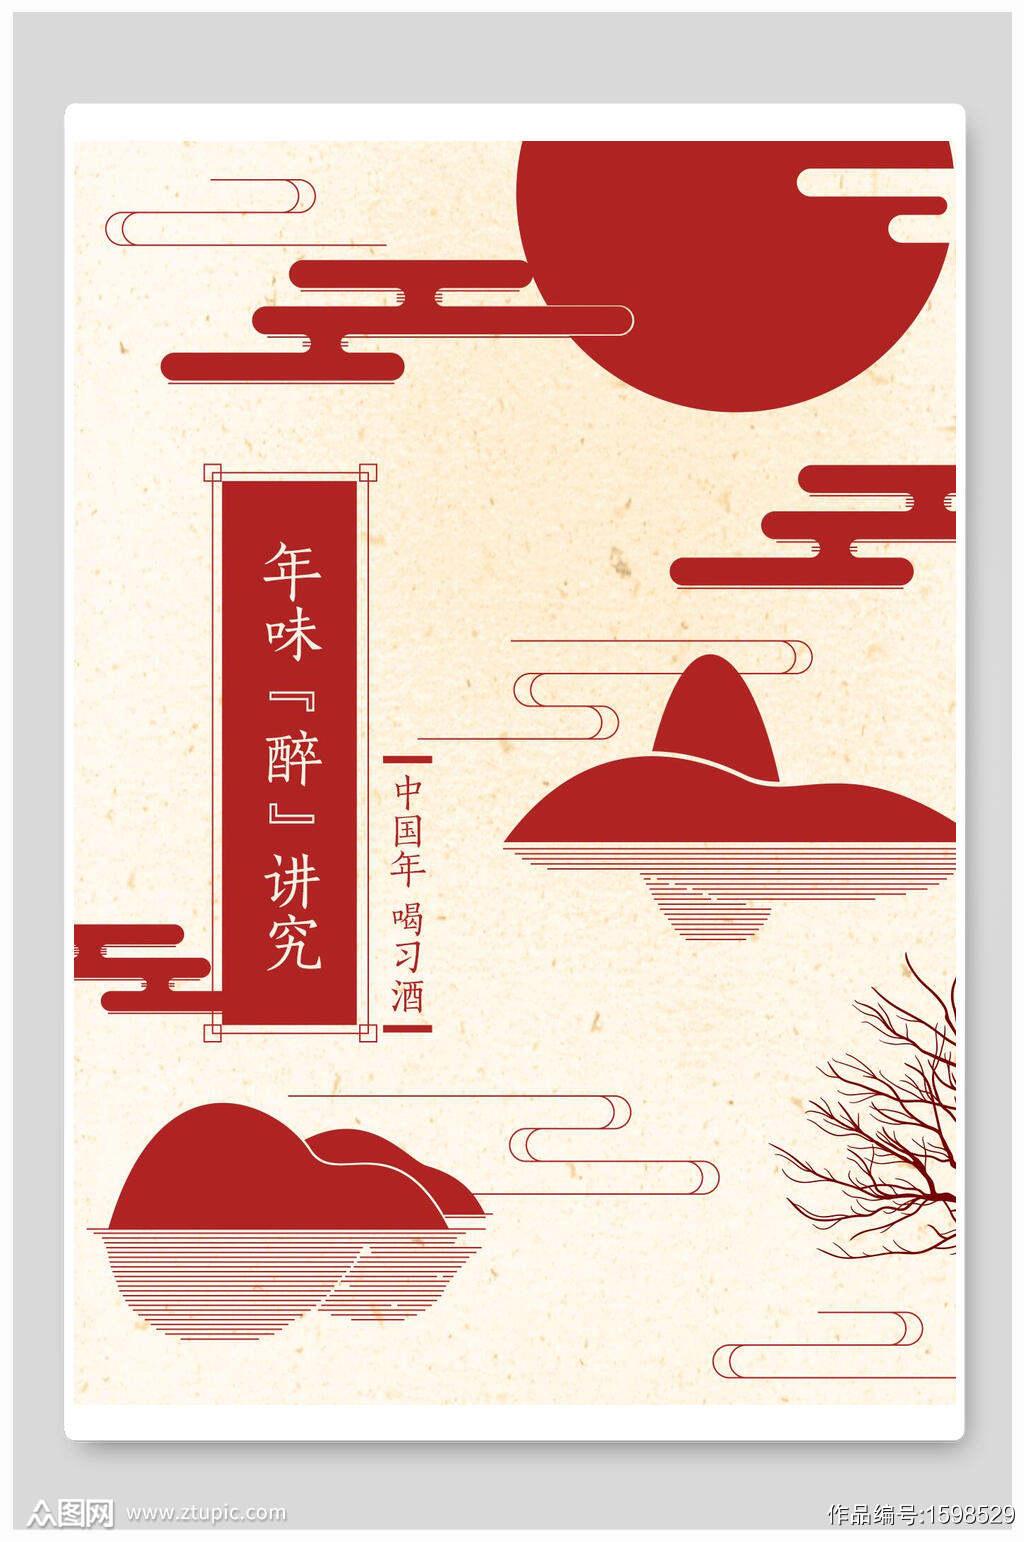 中国风年味醉讲究山水画海报素材